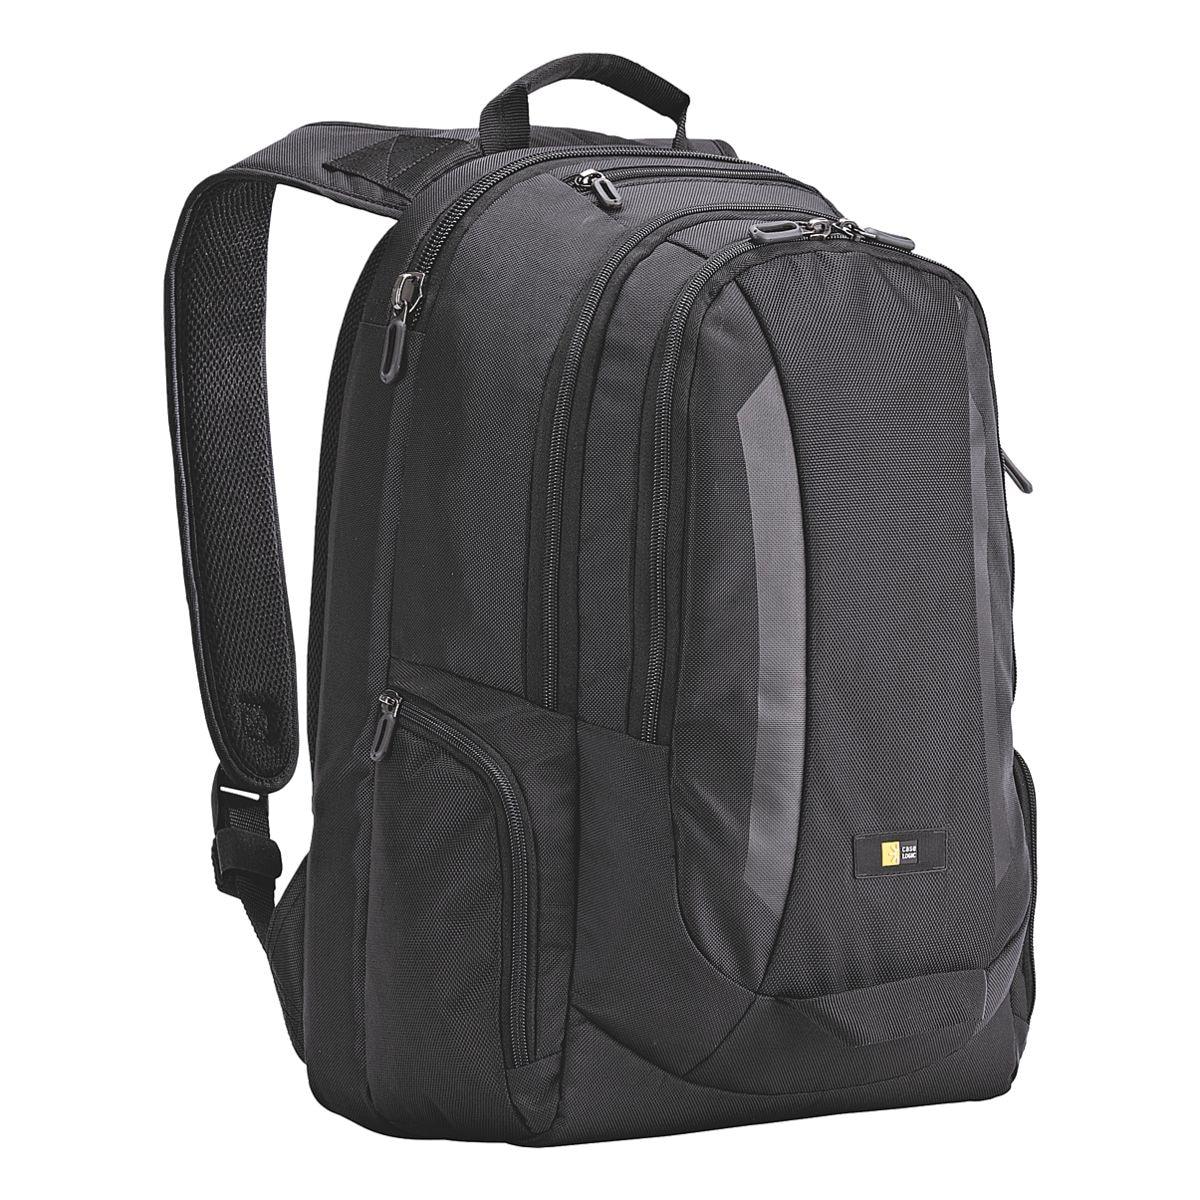 Case LOGIC Sac à dos pour ordinateur portable « RBP-315 »